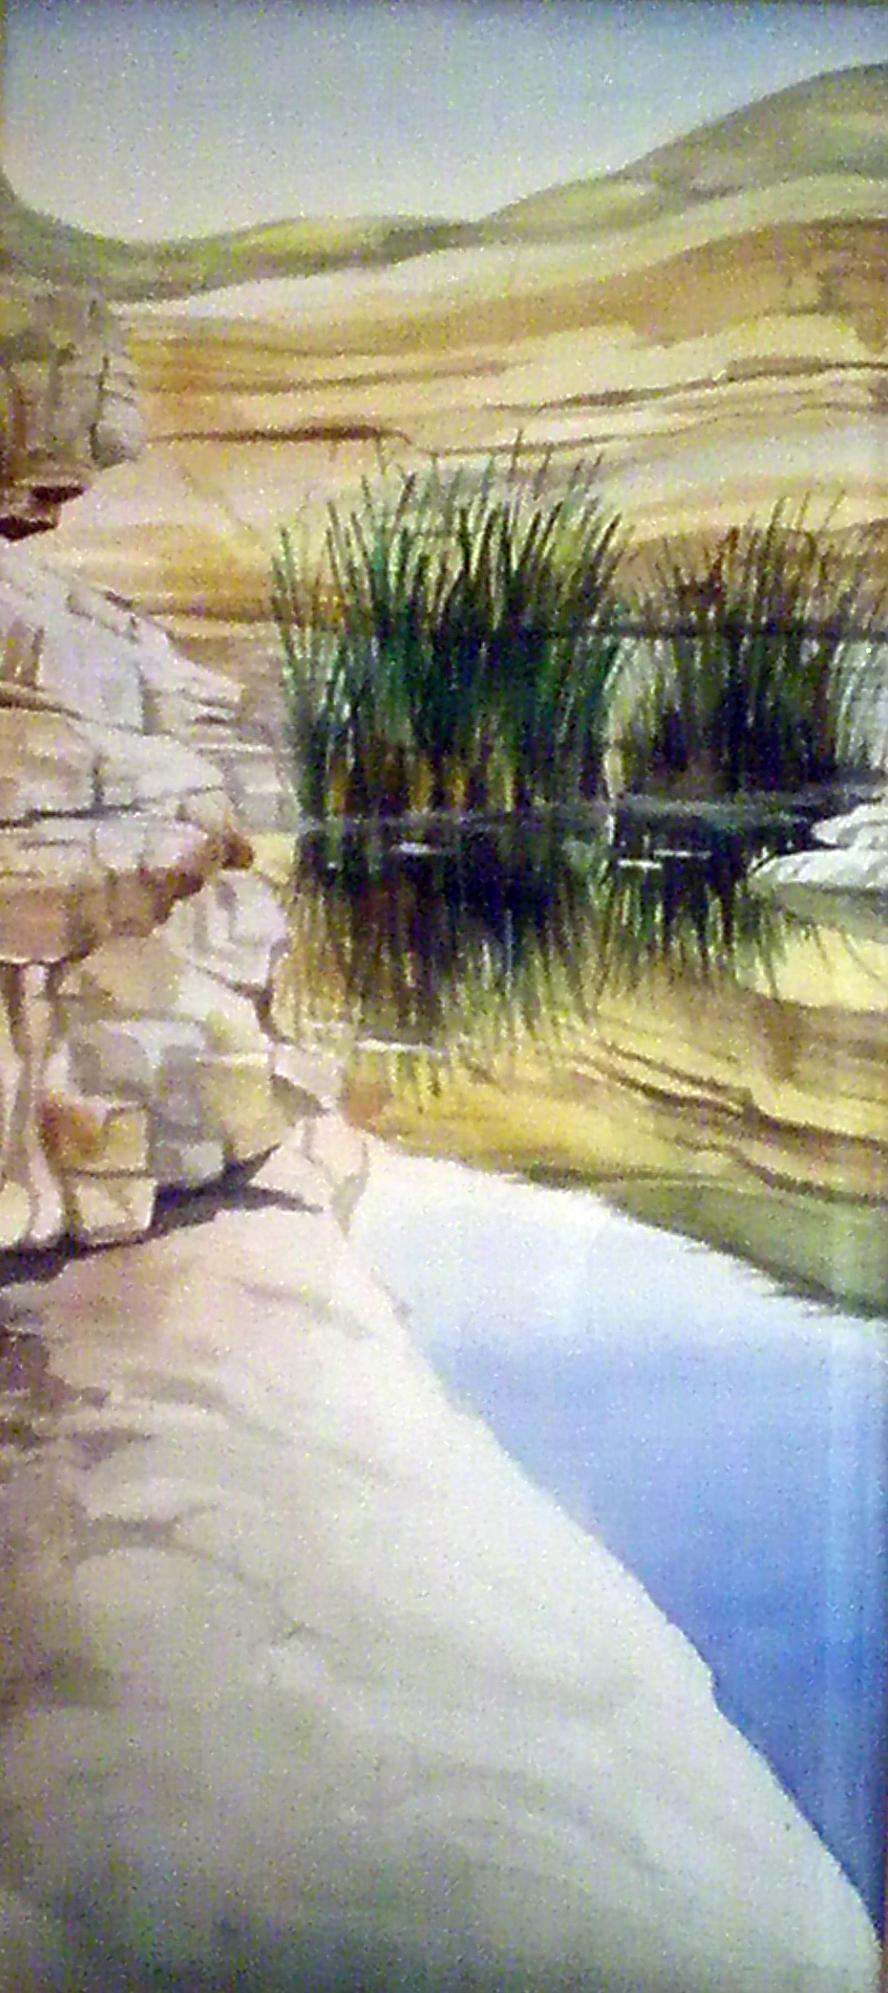 כאפיקים בנגב - עין עבדת - תמונת אקורל מאת אסתי הס